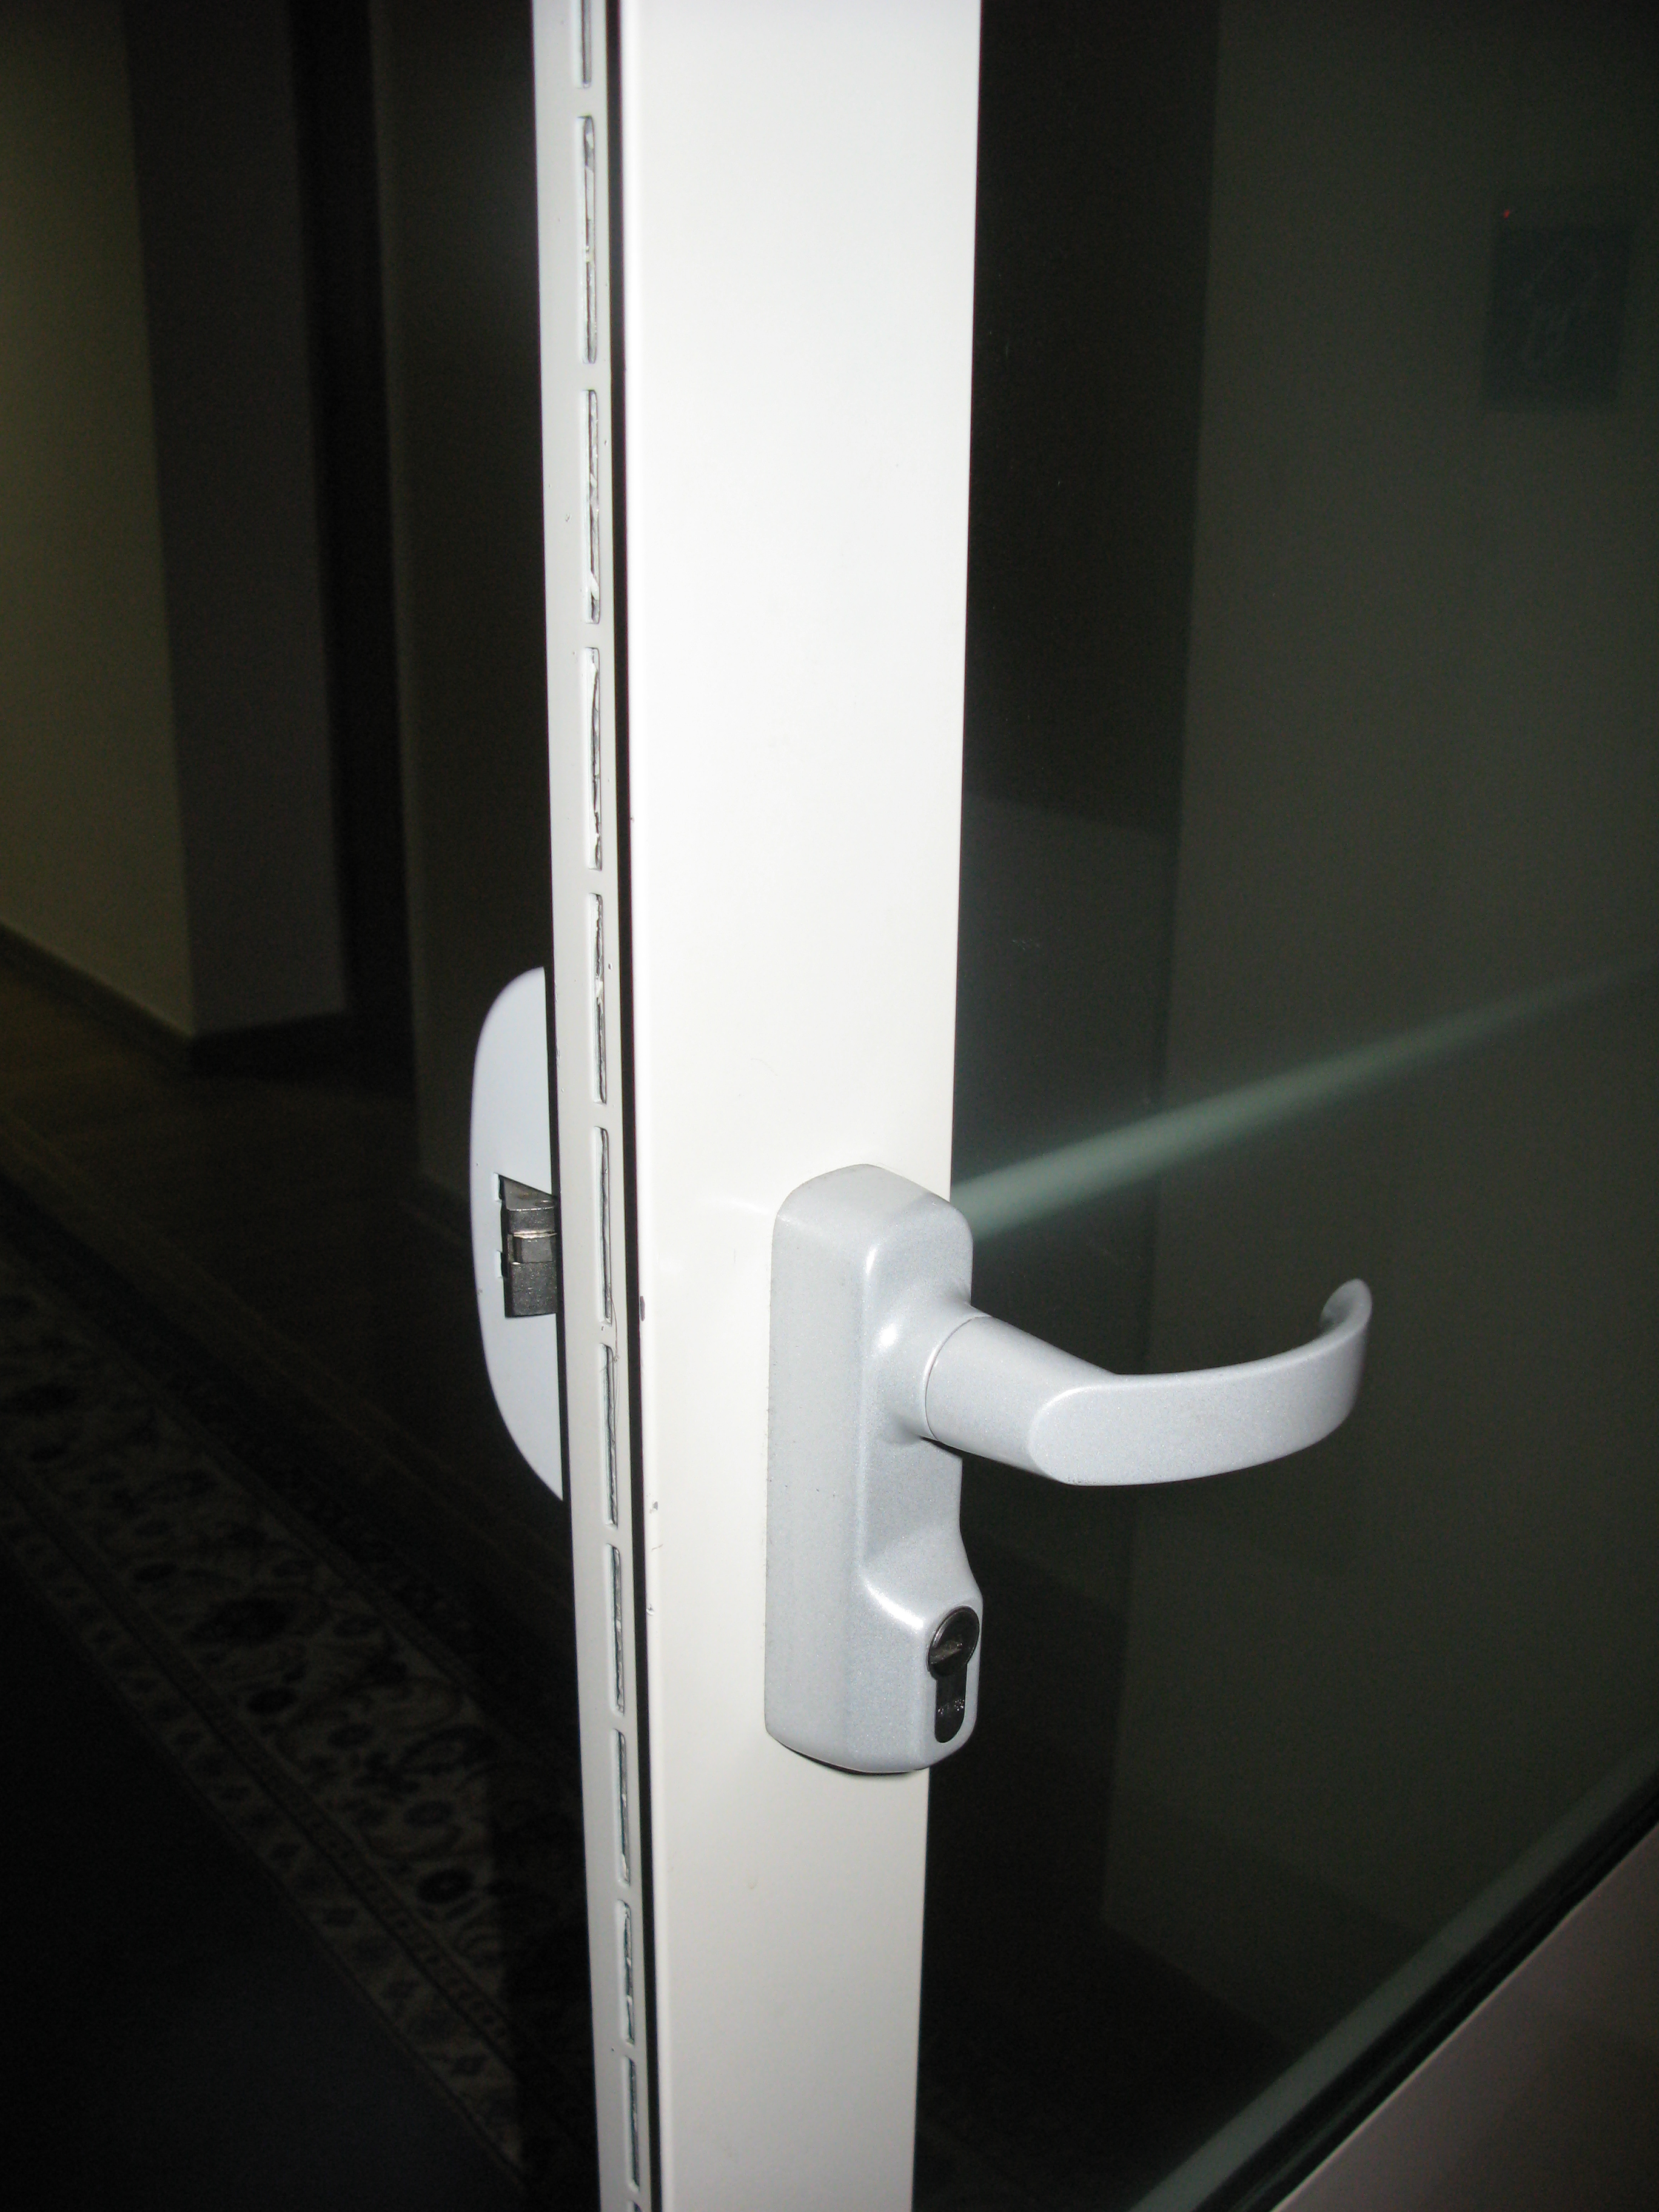 Дверь остекленная огнестойкая EI 30, ручка Panik, производство Dorma